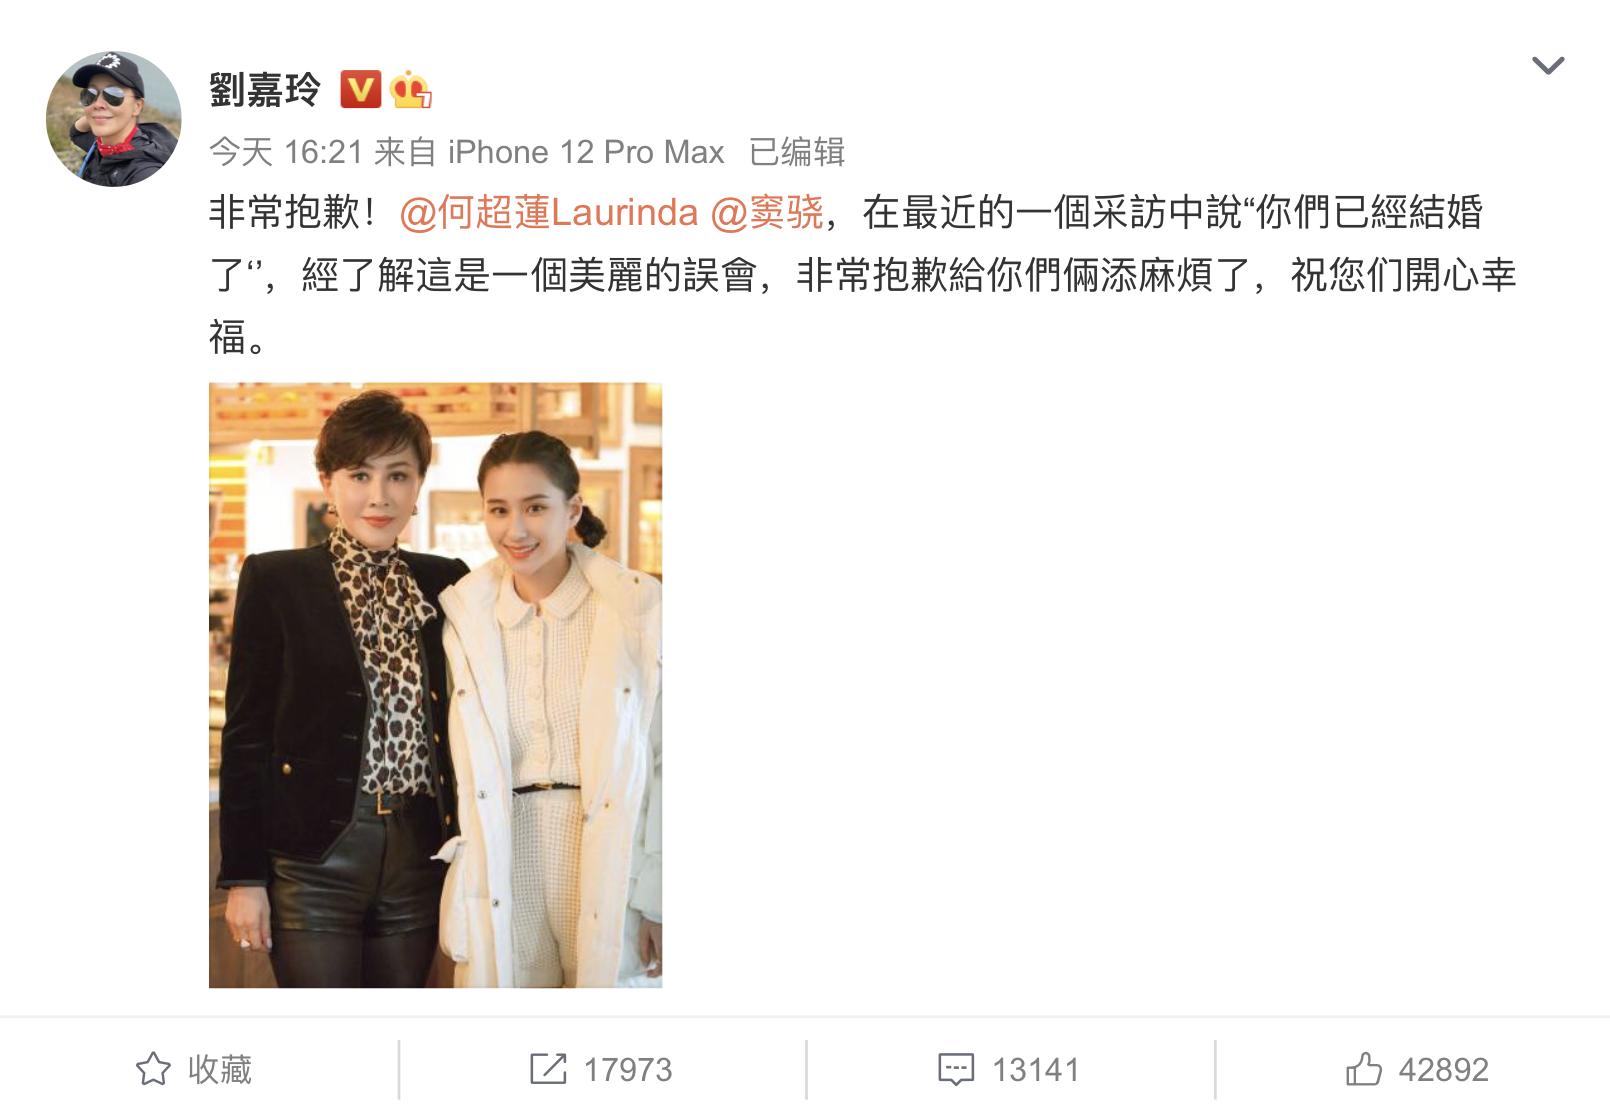 受訪爆何超蓮已嫁人 劉嘉玲急澄清道歉:是個美麗的誤會